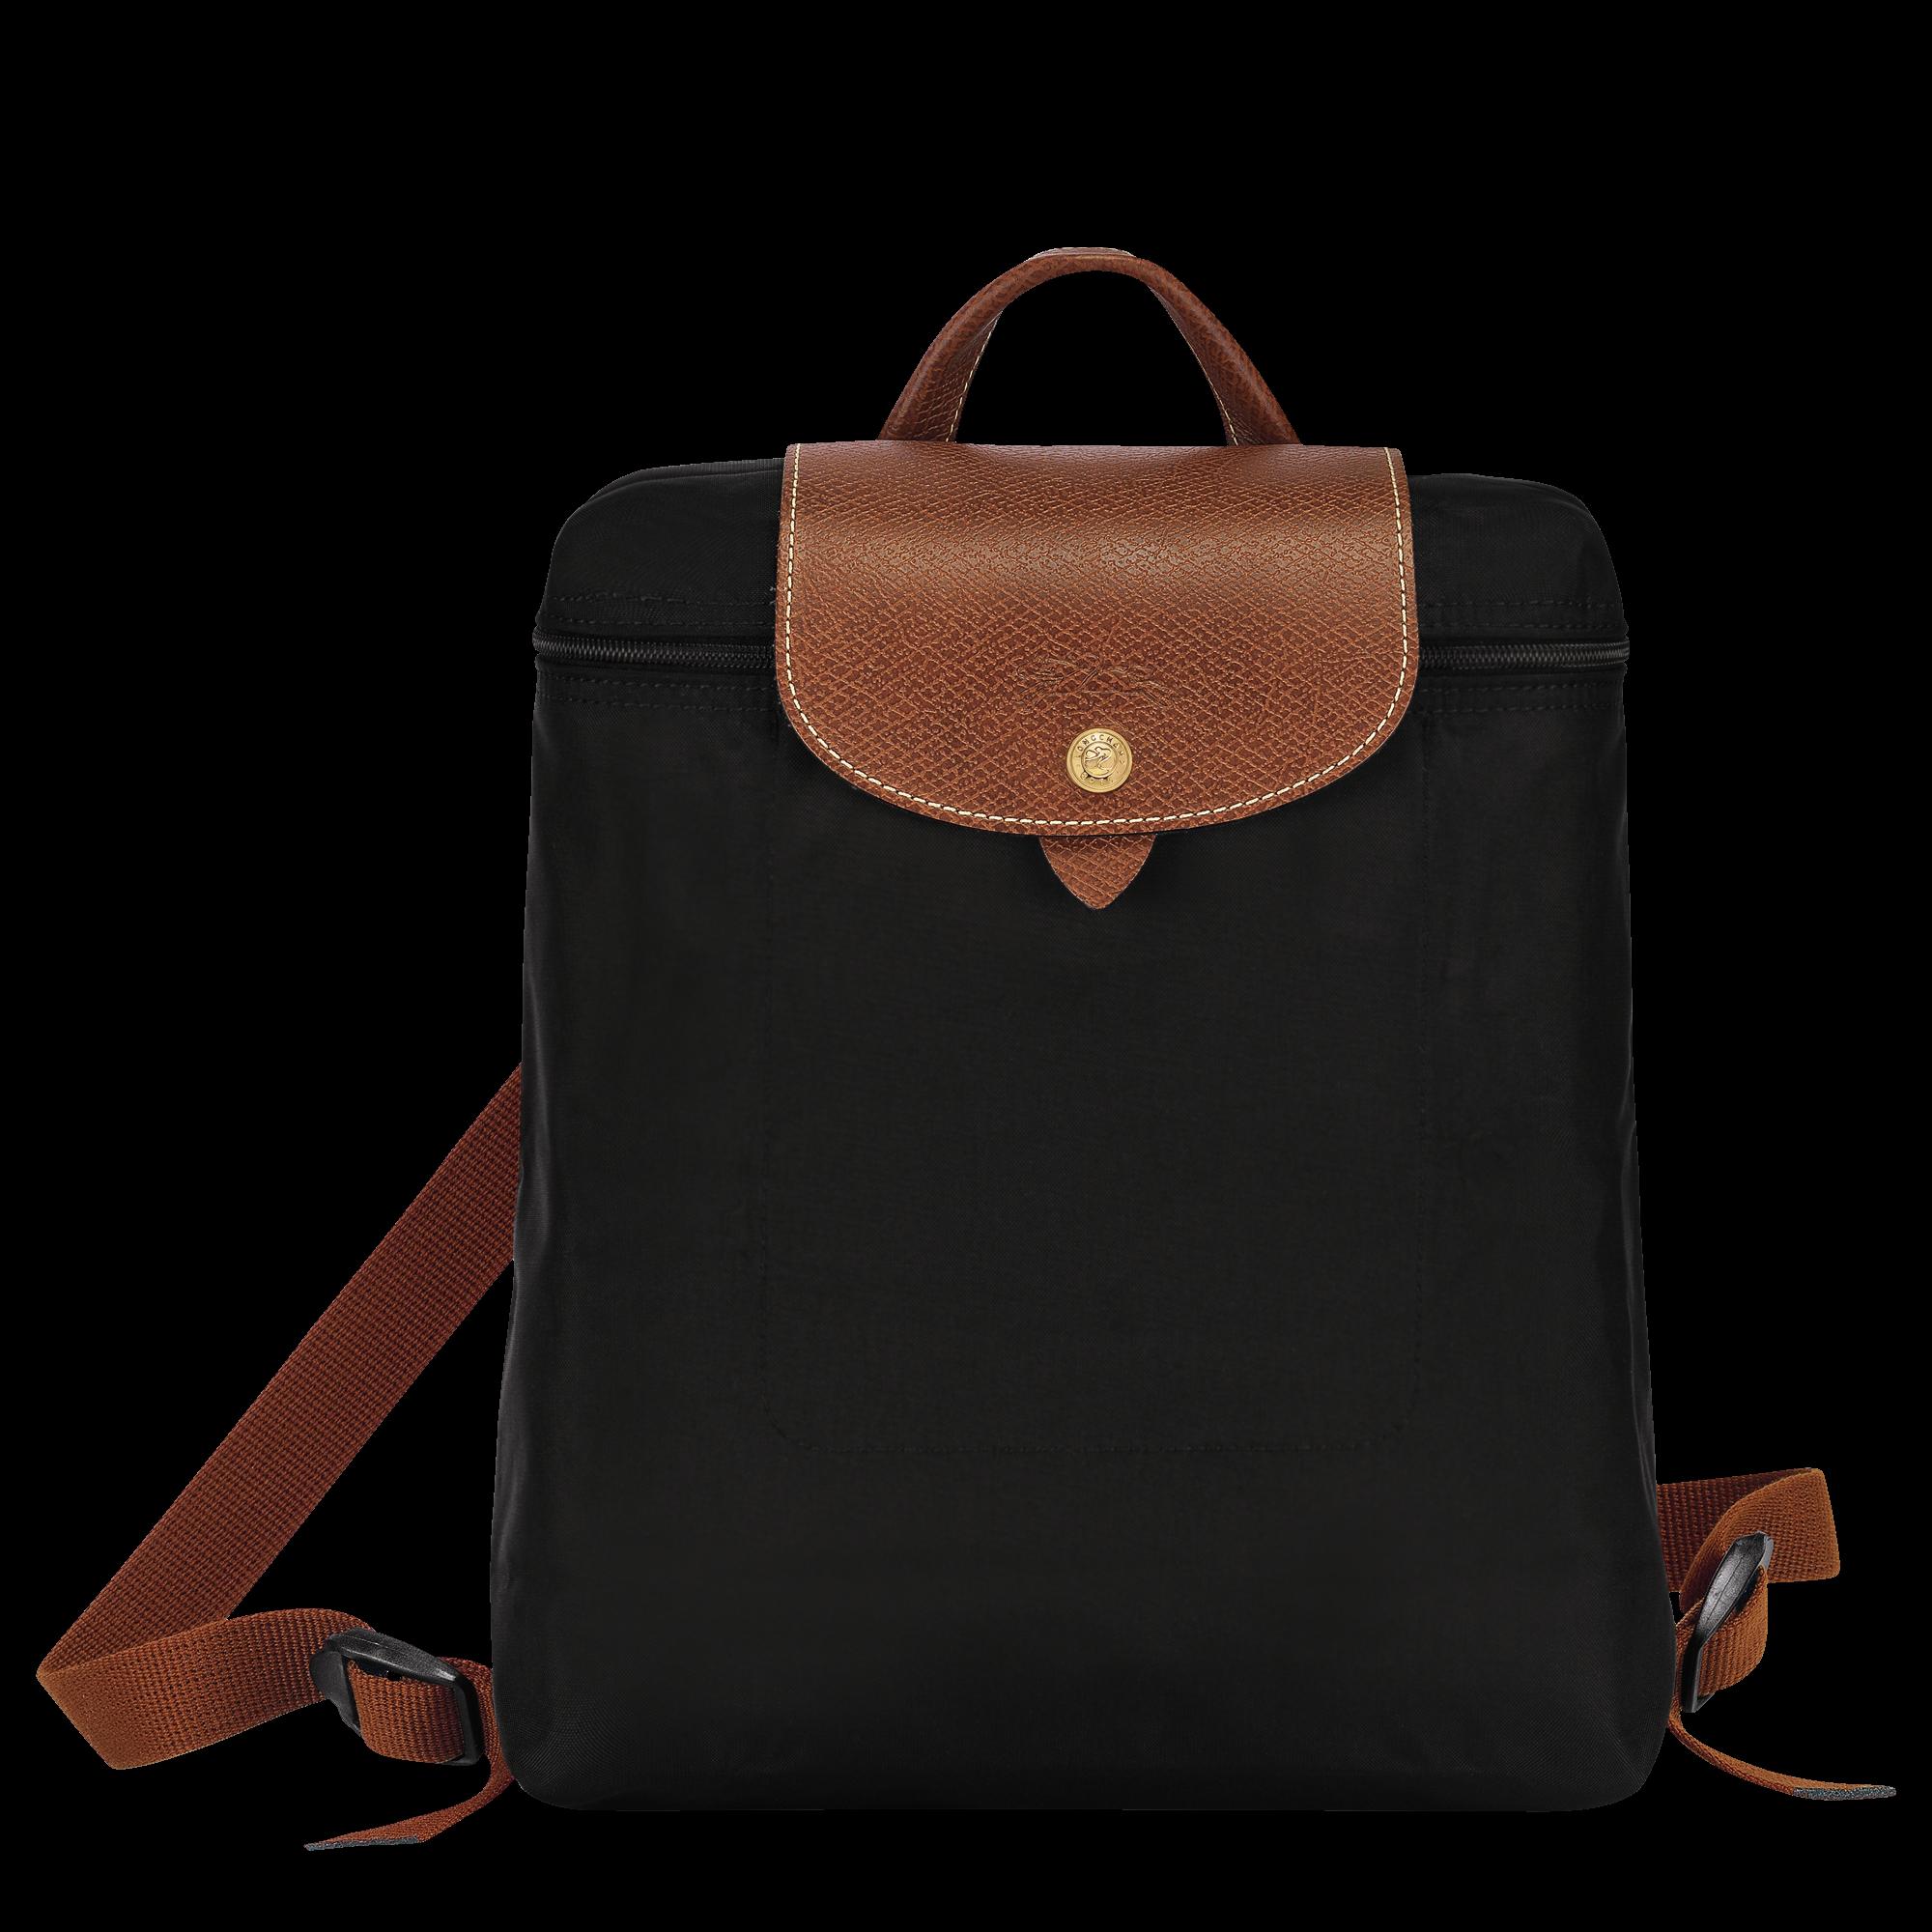 50代女性に人気のLONGCHAMP(ロンシャン)レディースバッグ